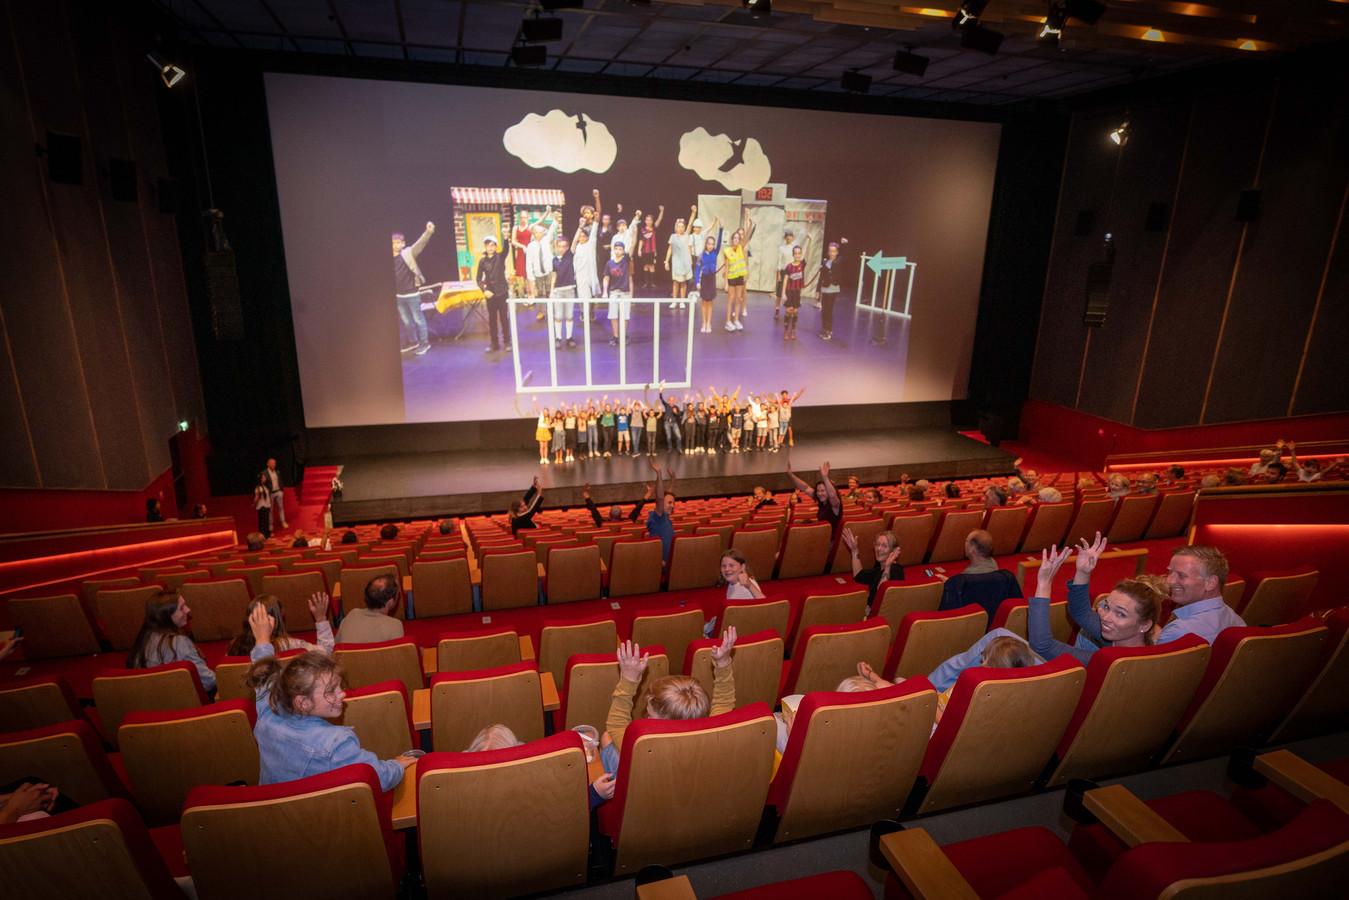 De bioscoop van Pathé in Lent. Foto ter illustratie.